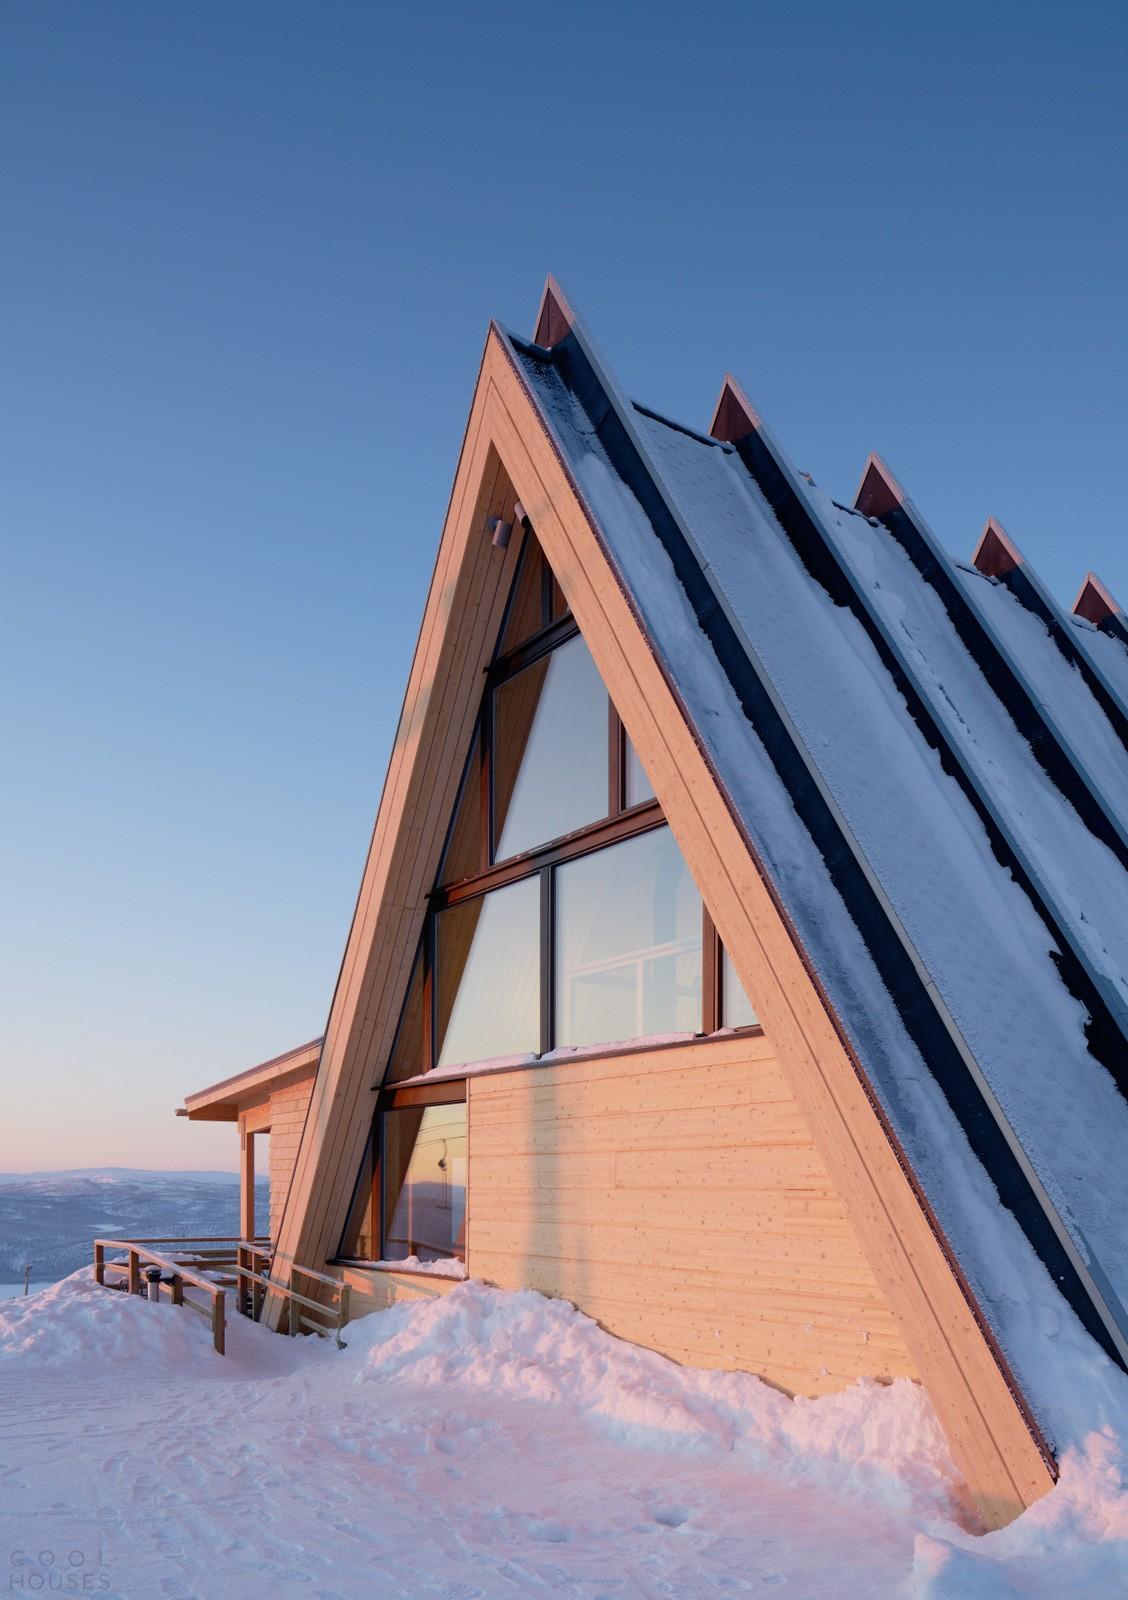 Необыкновенный ресторан в горнолыжном курорте Шведской Лапландии